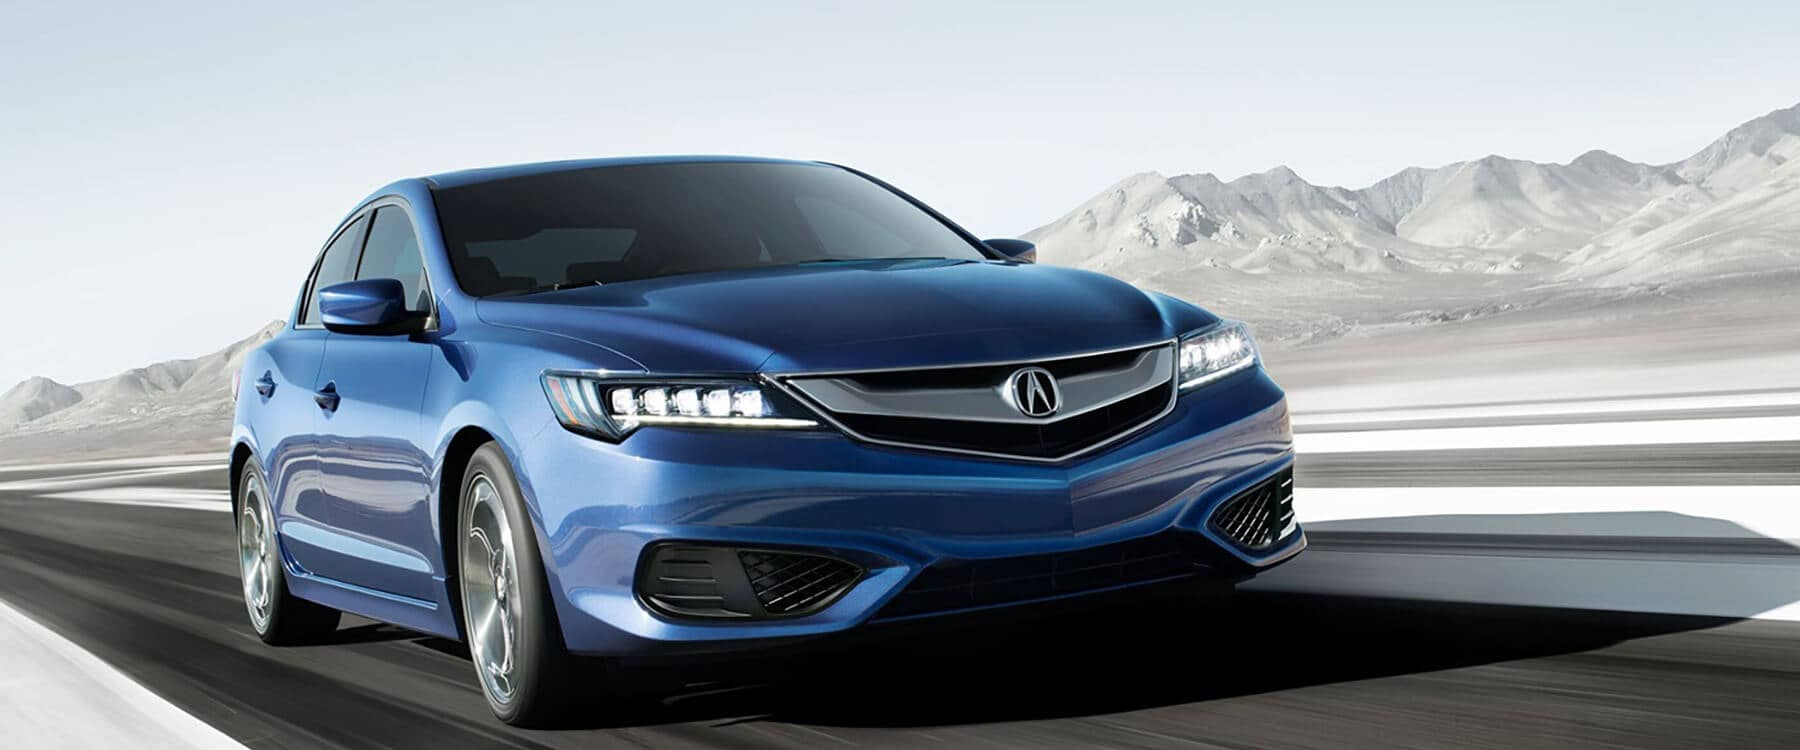 2018 Acura ILX Blue